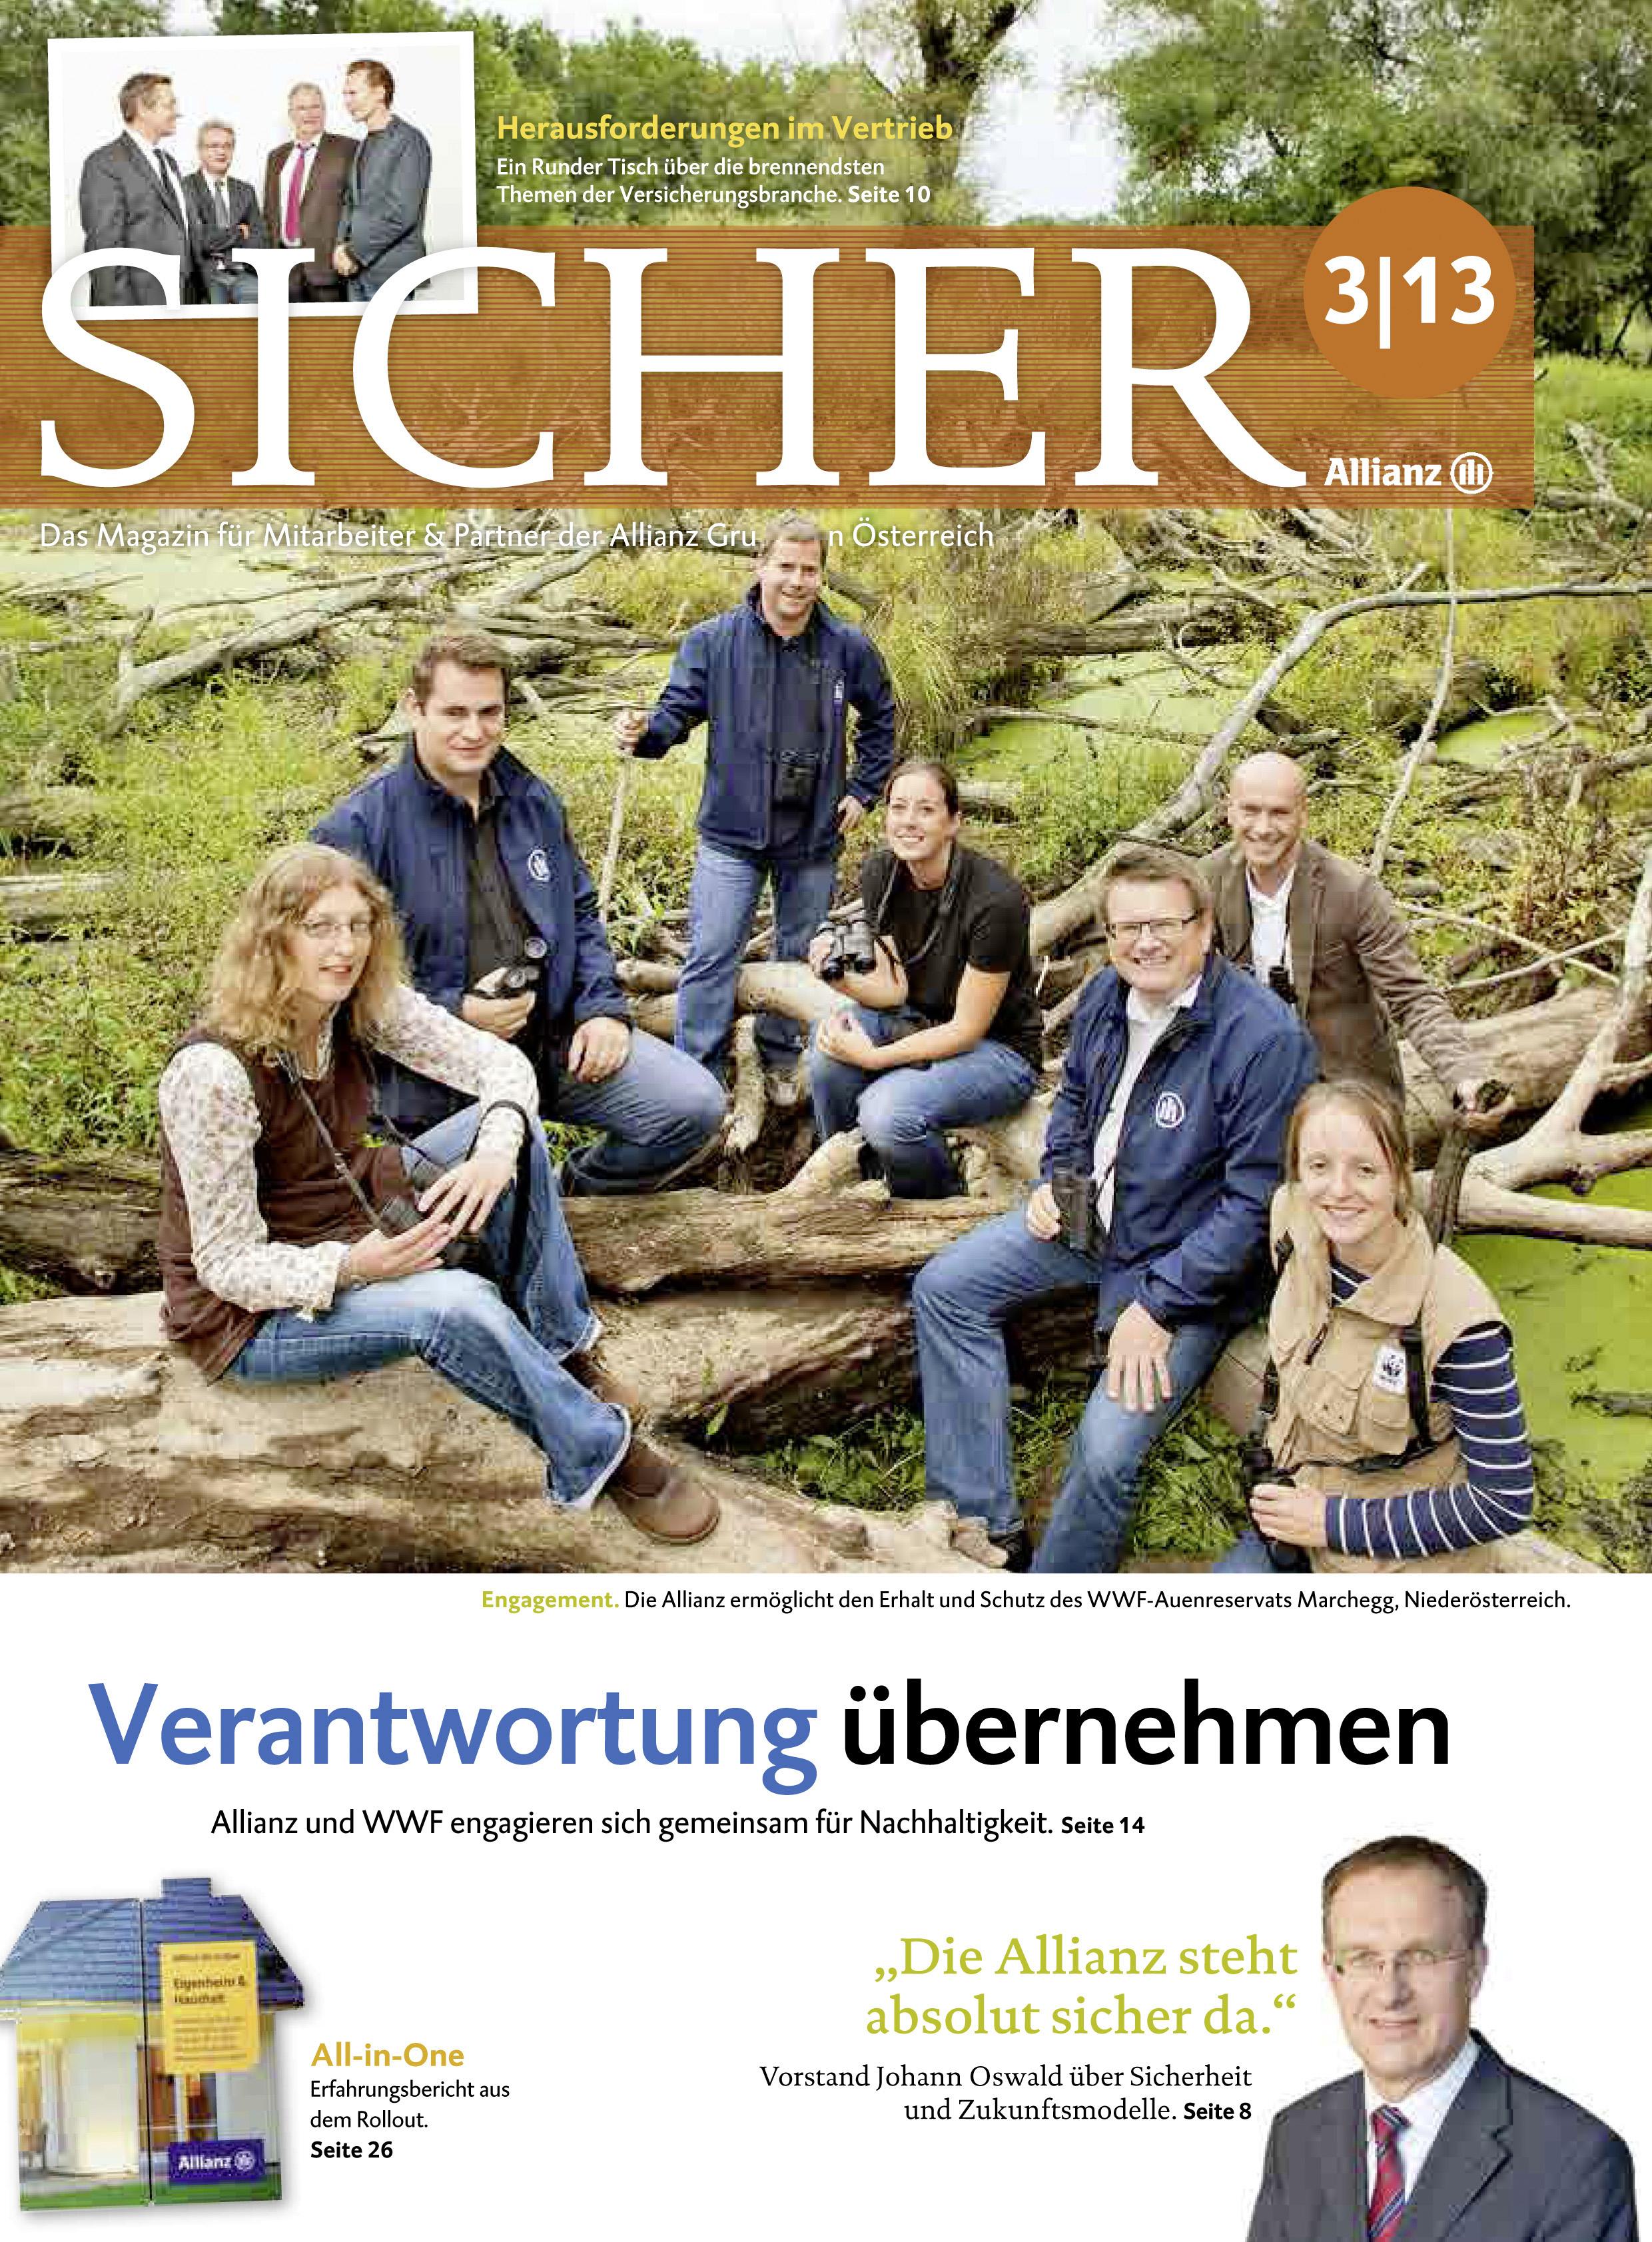 Coreporate_Reiner Riedler_013